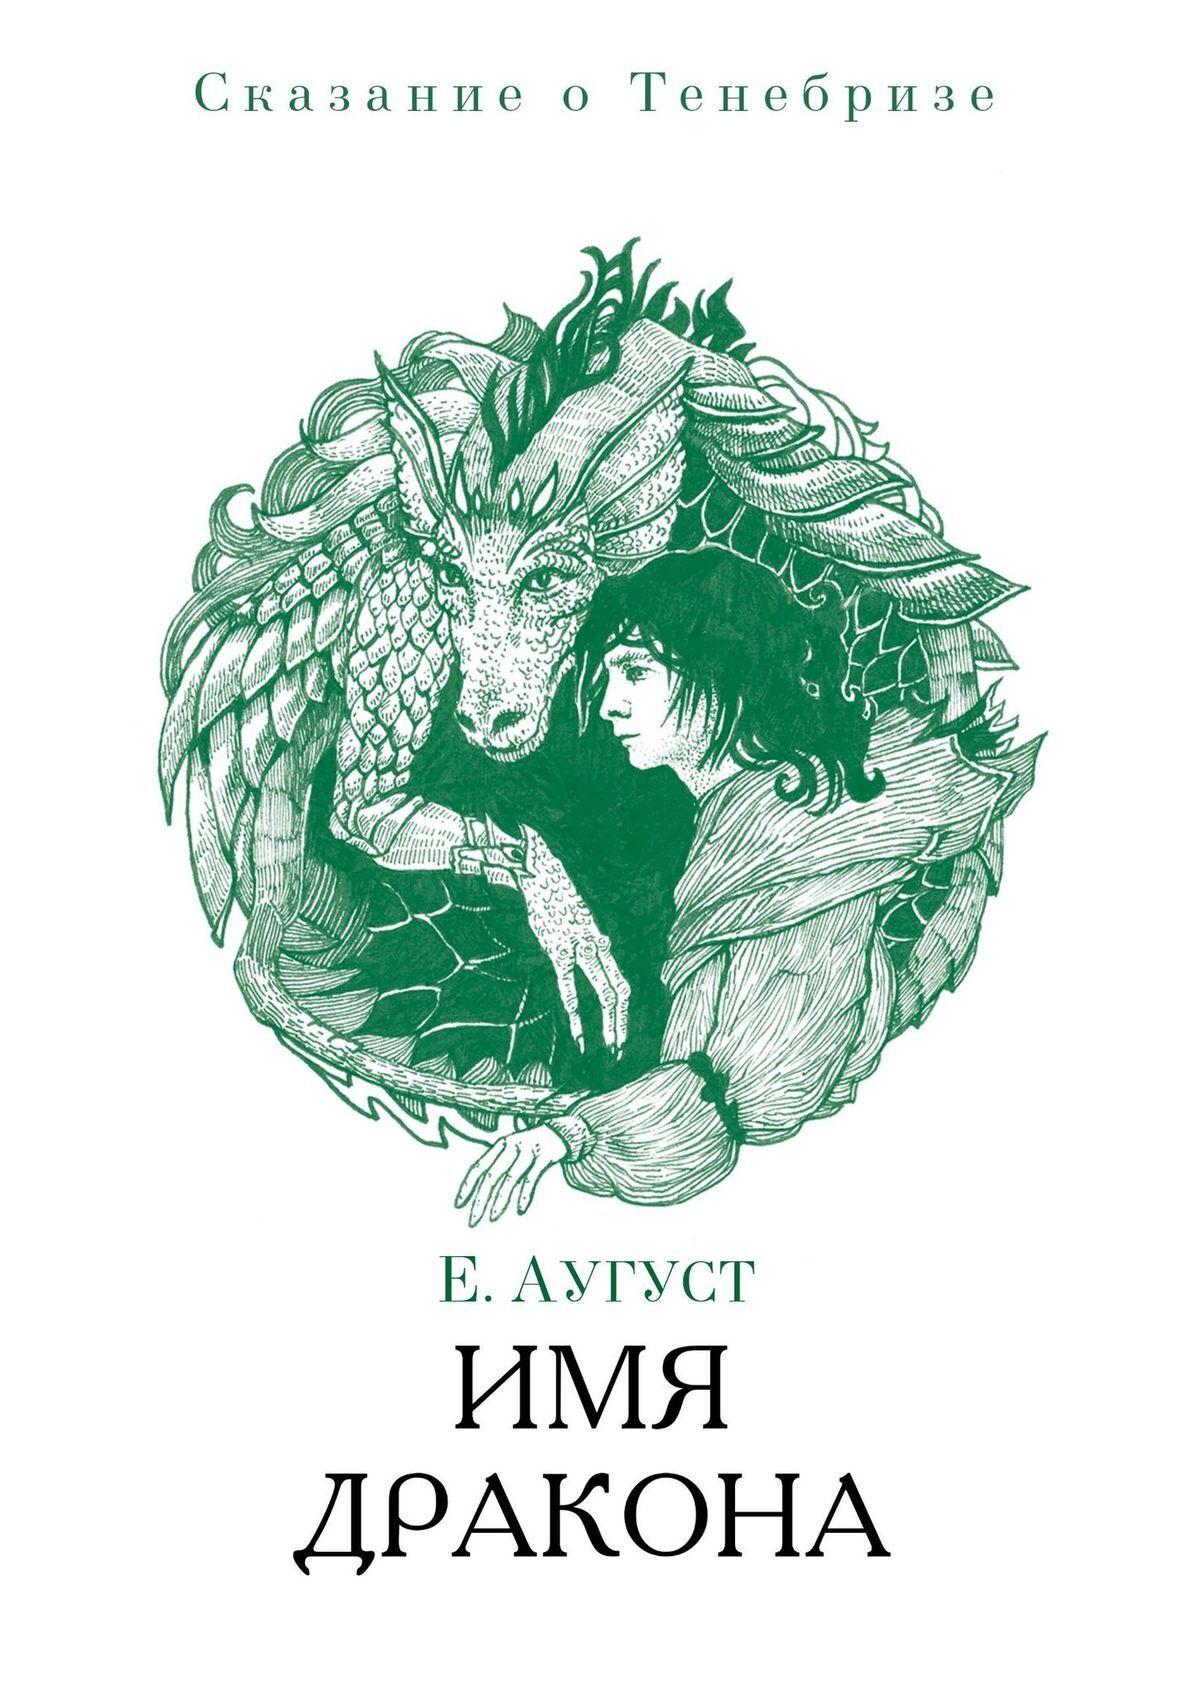 Ингрид Солвей Имя твоего дракона. Сказание оТенебризе ингрид солвей сын короля сказание о тенебризе